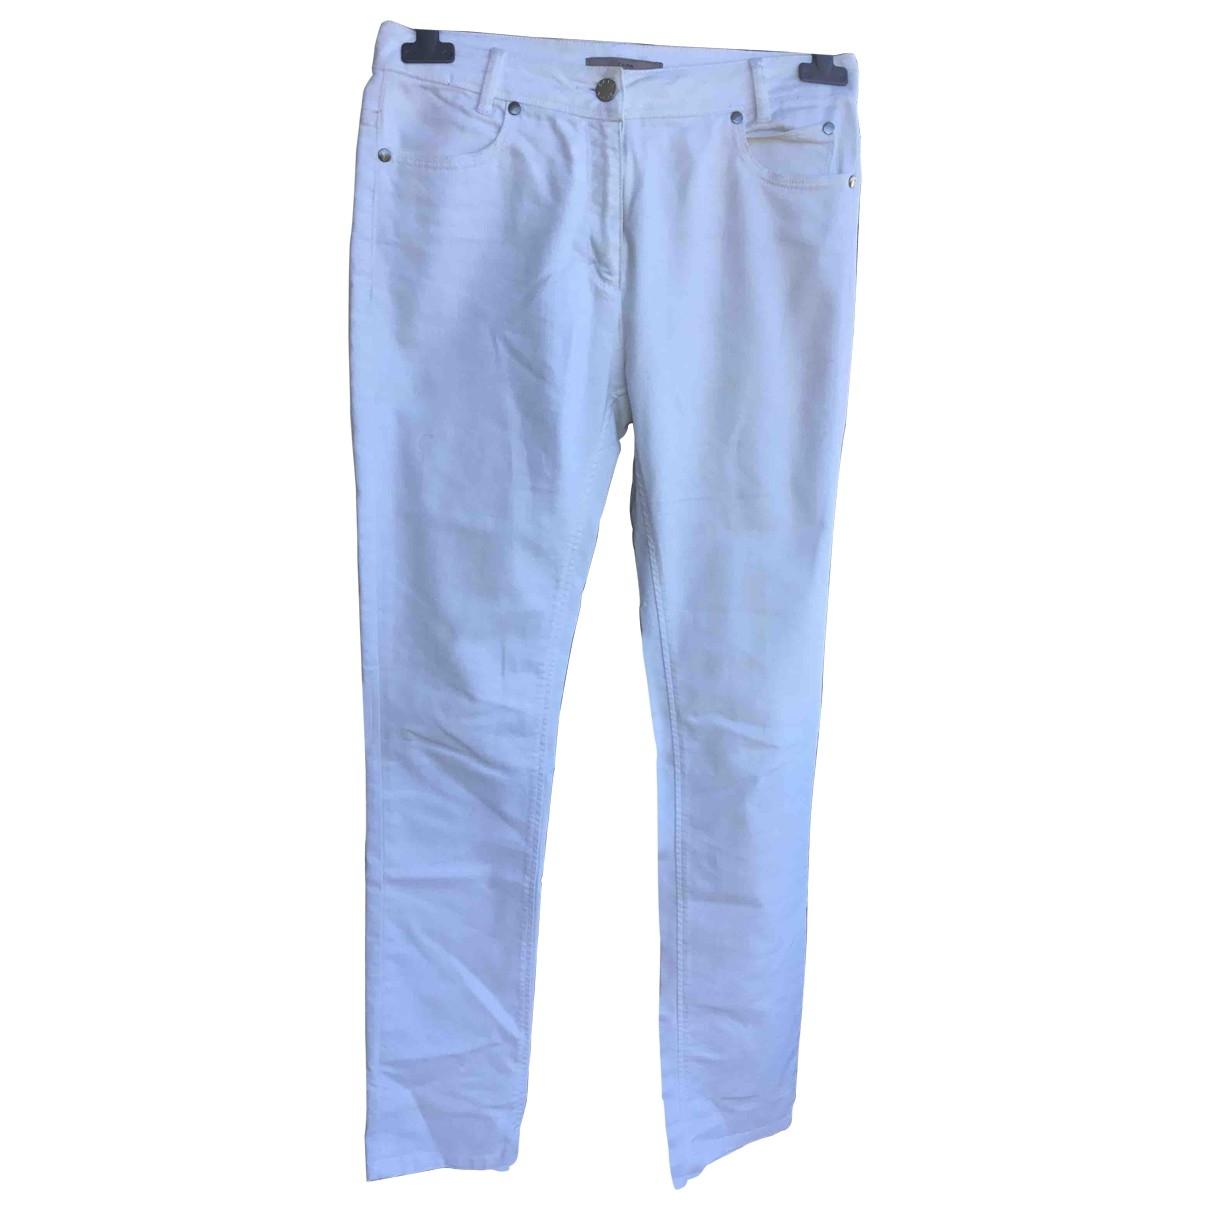 Zapa \N White Cotton - elasthane Jeans for Women 38 FR